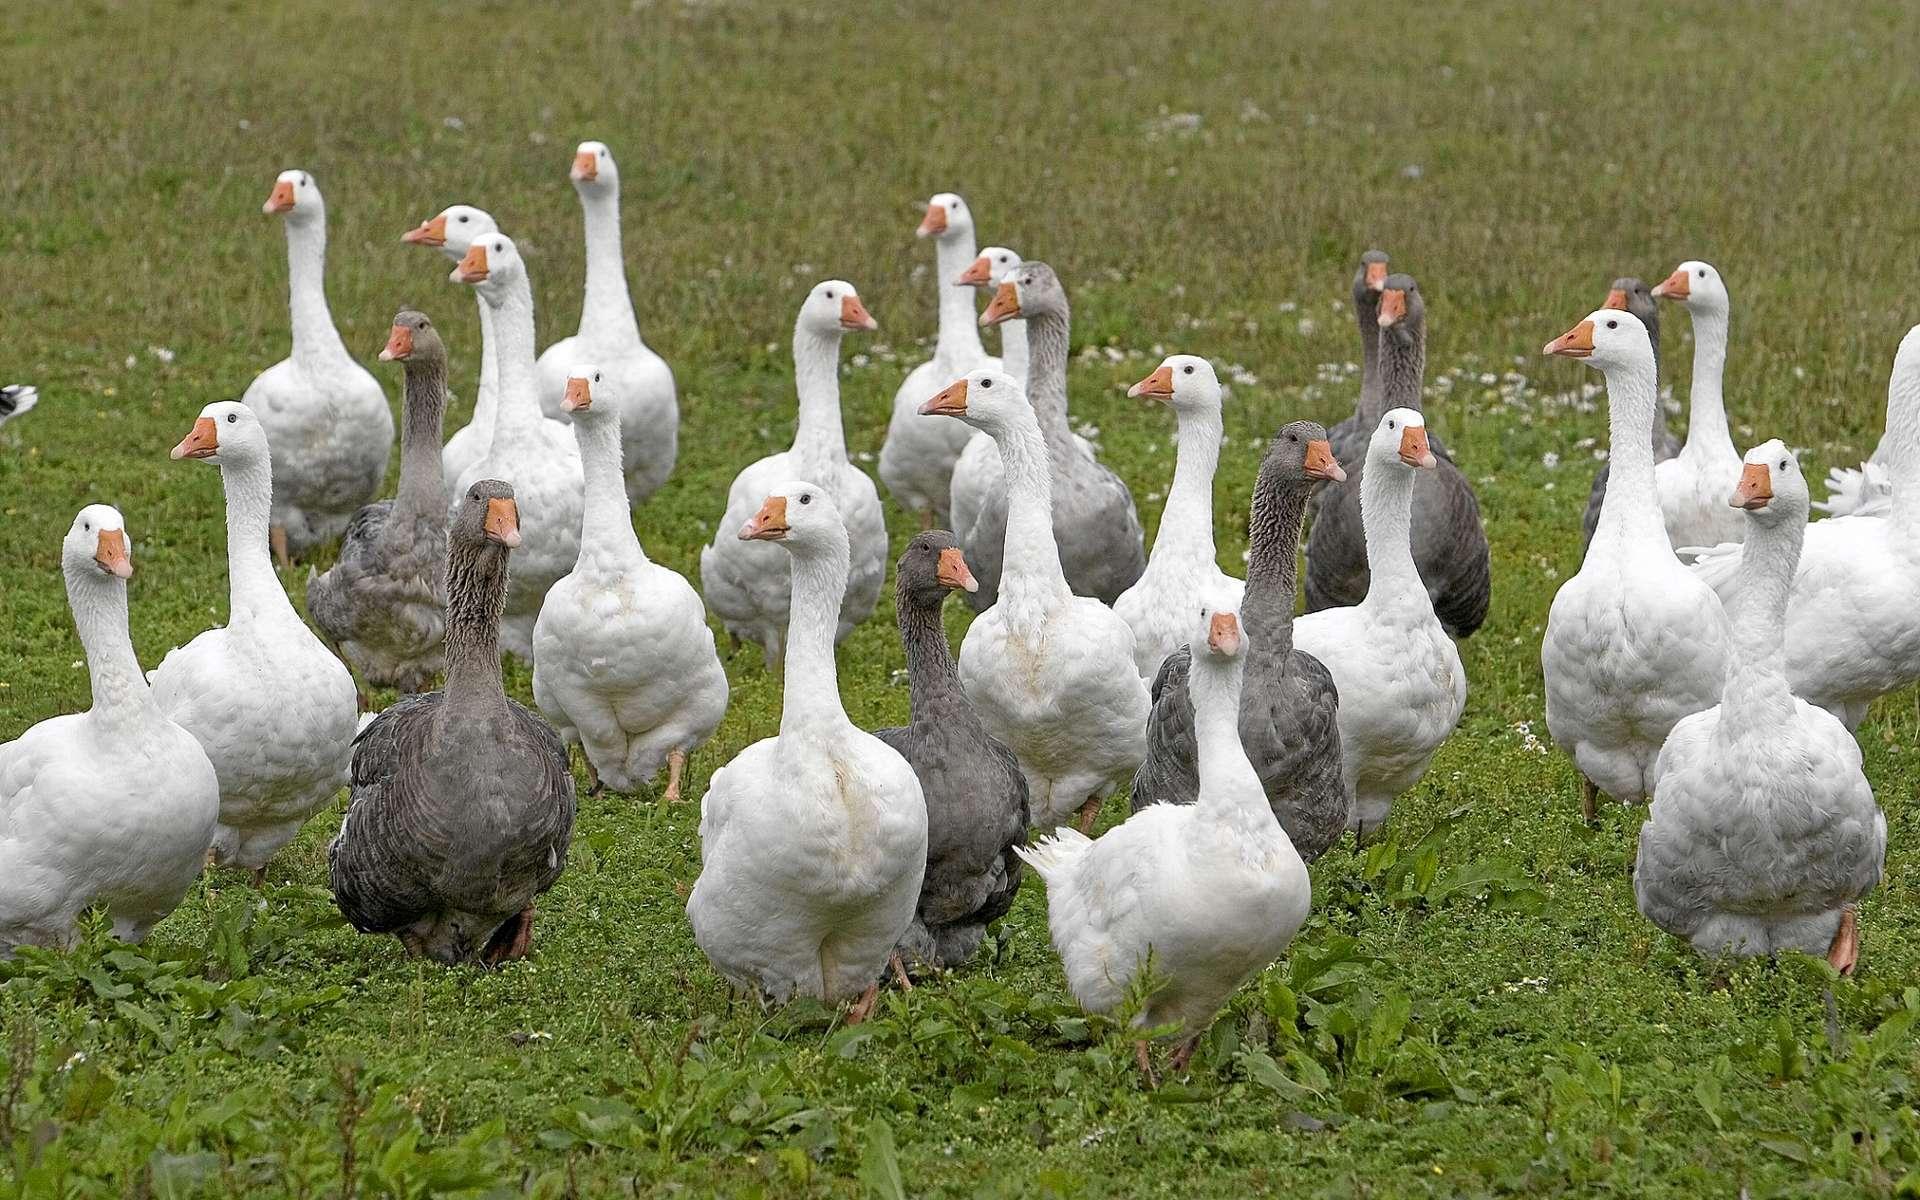 Malgré les mesures prises depuis plusieurs mois, l'épizootie de grippe aviaire est toujours présente dans le sud-ouest de la France. © Bildagentur Zoonar GmbH, Shutterstock